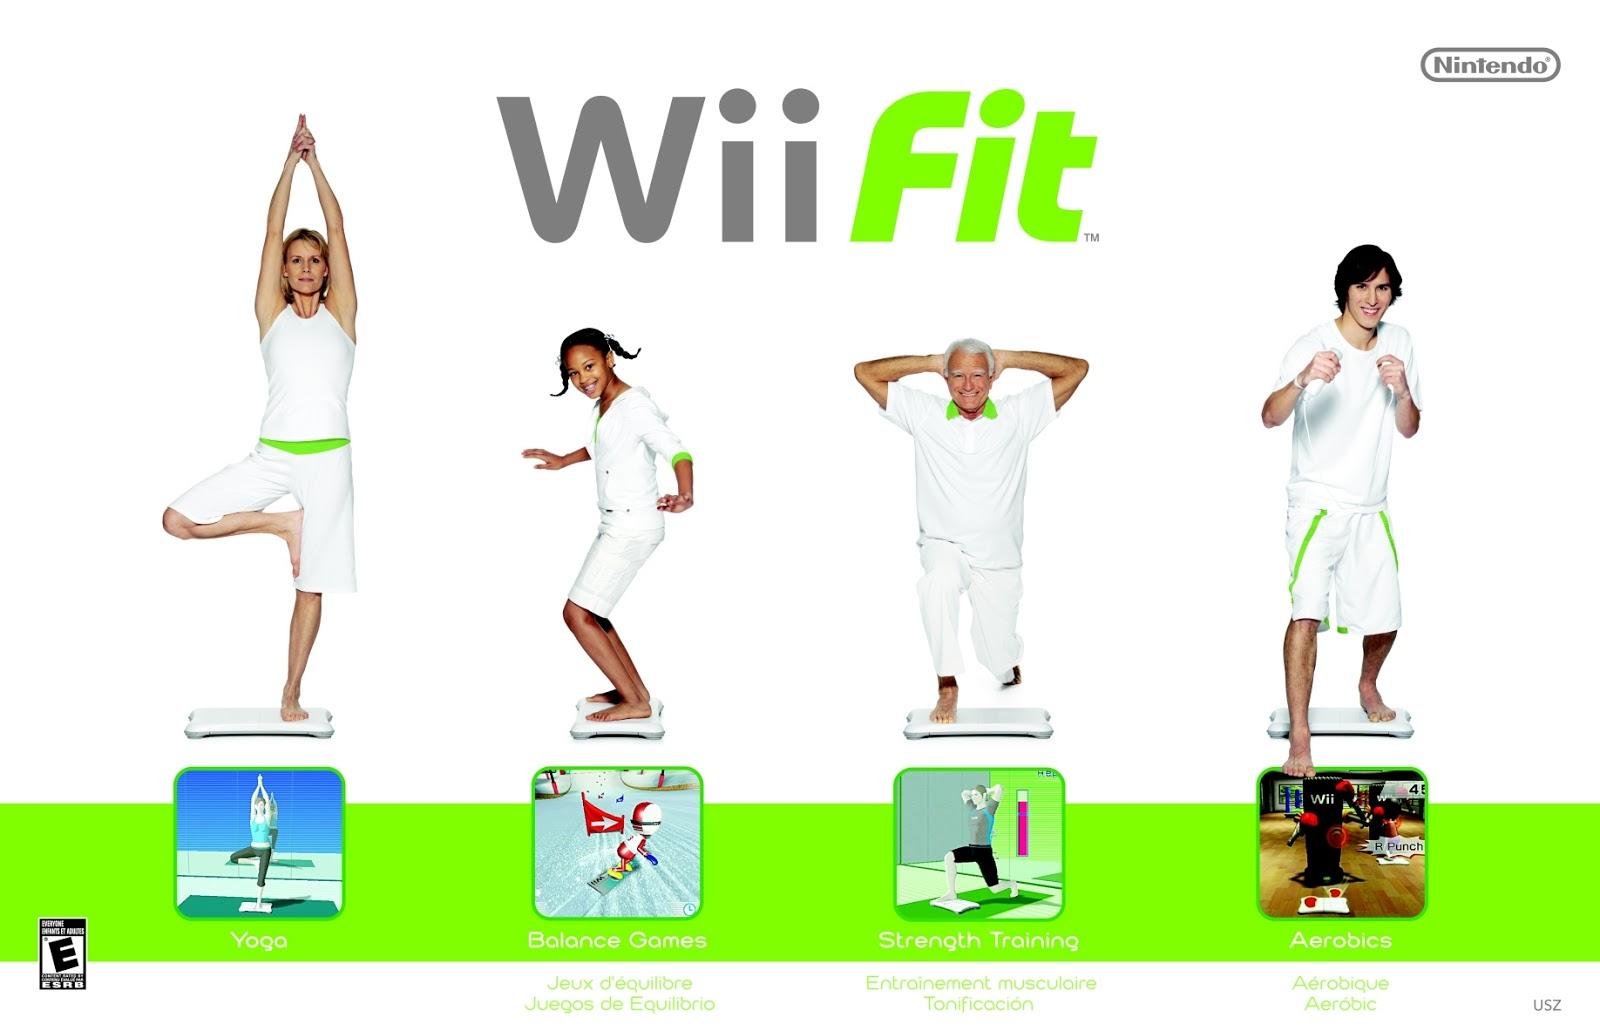 Obesidade E Sedentarismo Os Jogos So O Veneno Ou A Cura GameBlast